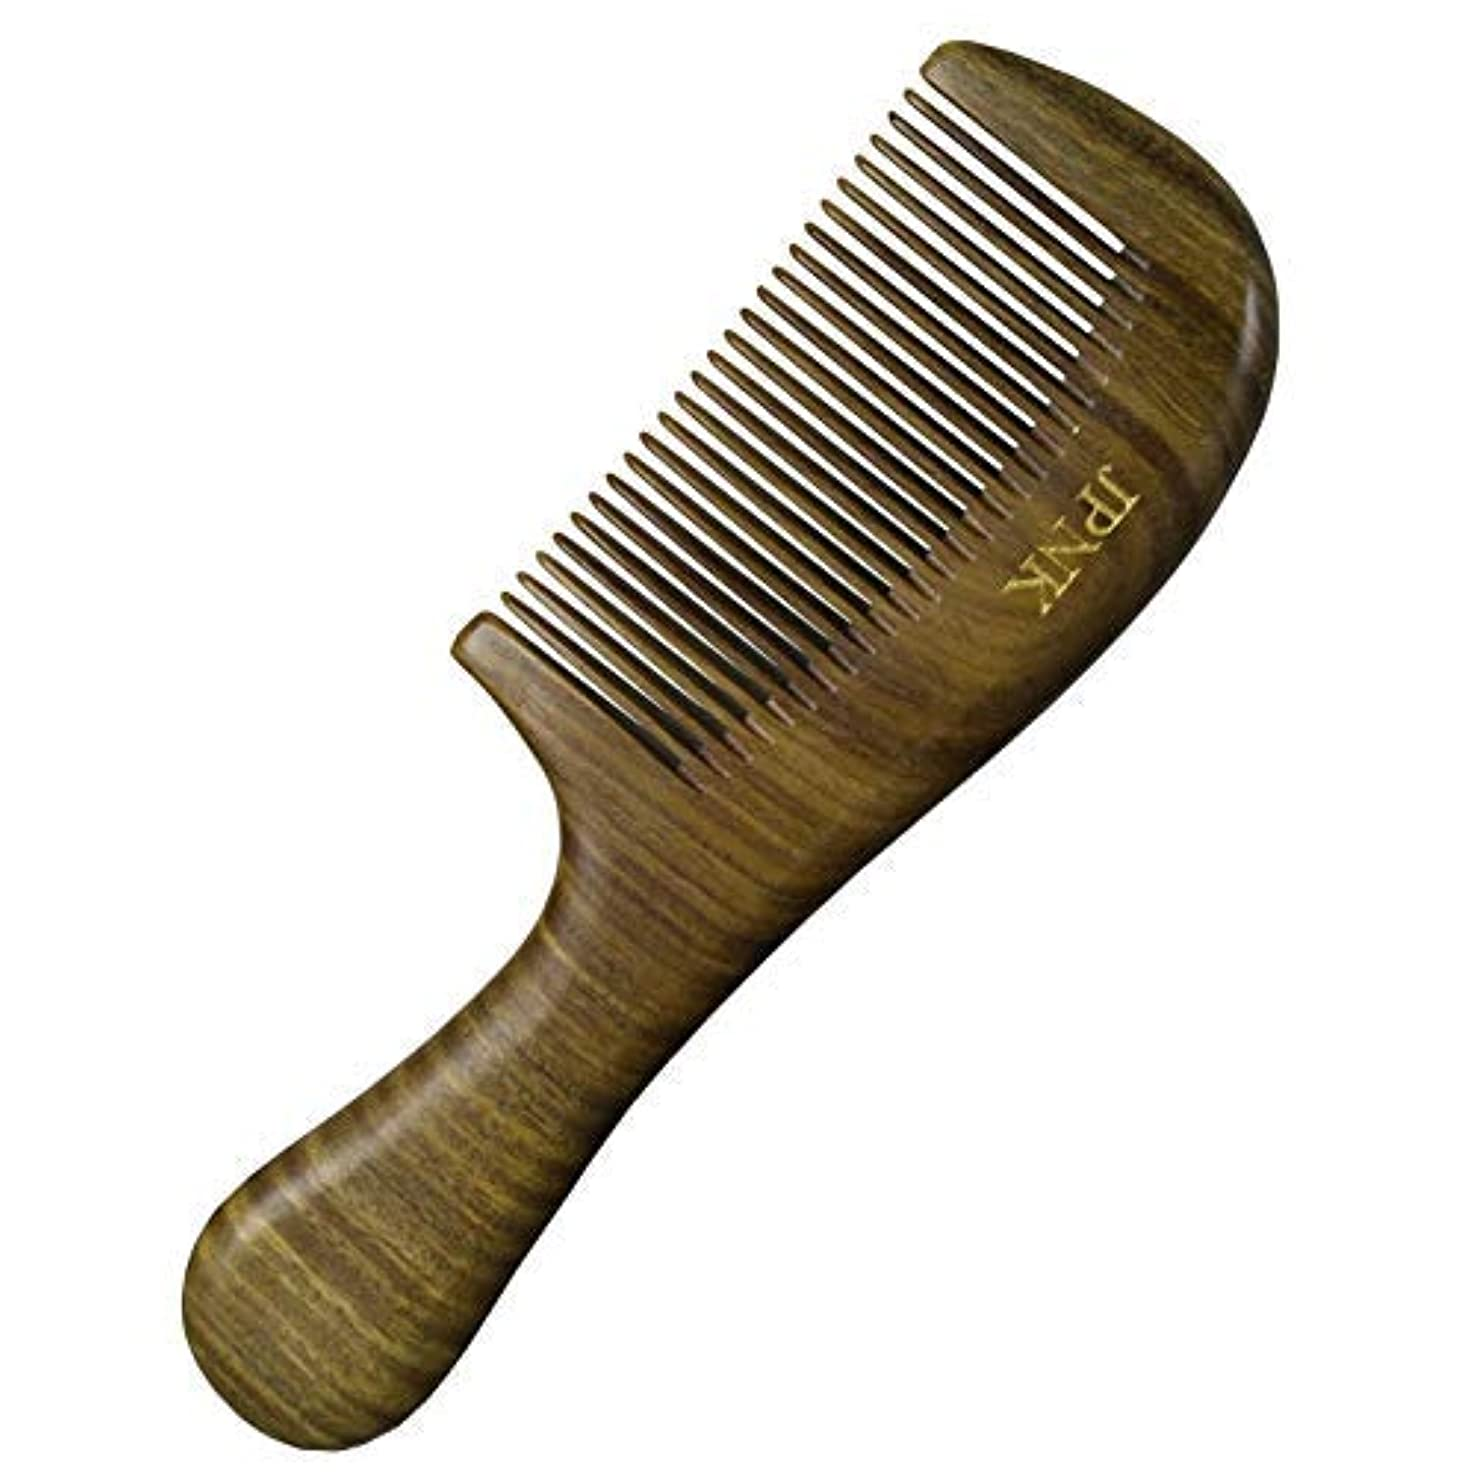 宿魅力的であることへのアピールホットJPNK Anti-Static Sandalwood Scent Natural Hair Detangler Wooden Comb [並行輸入品]